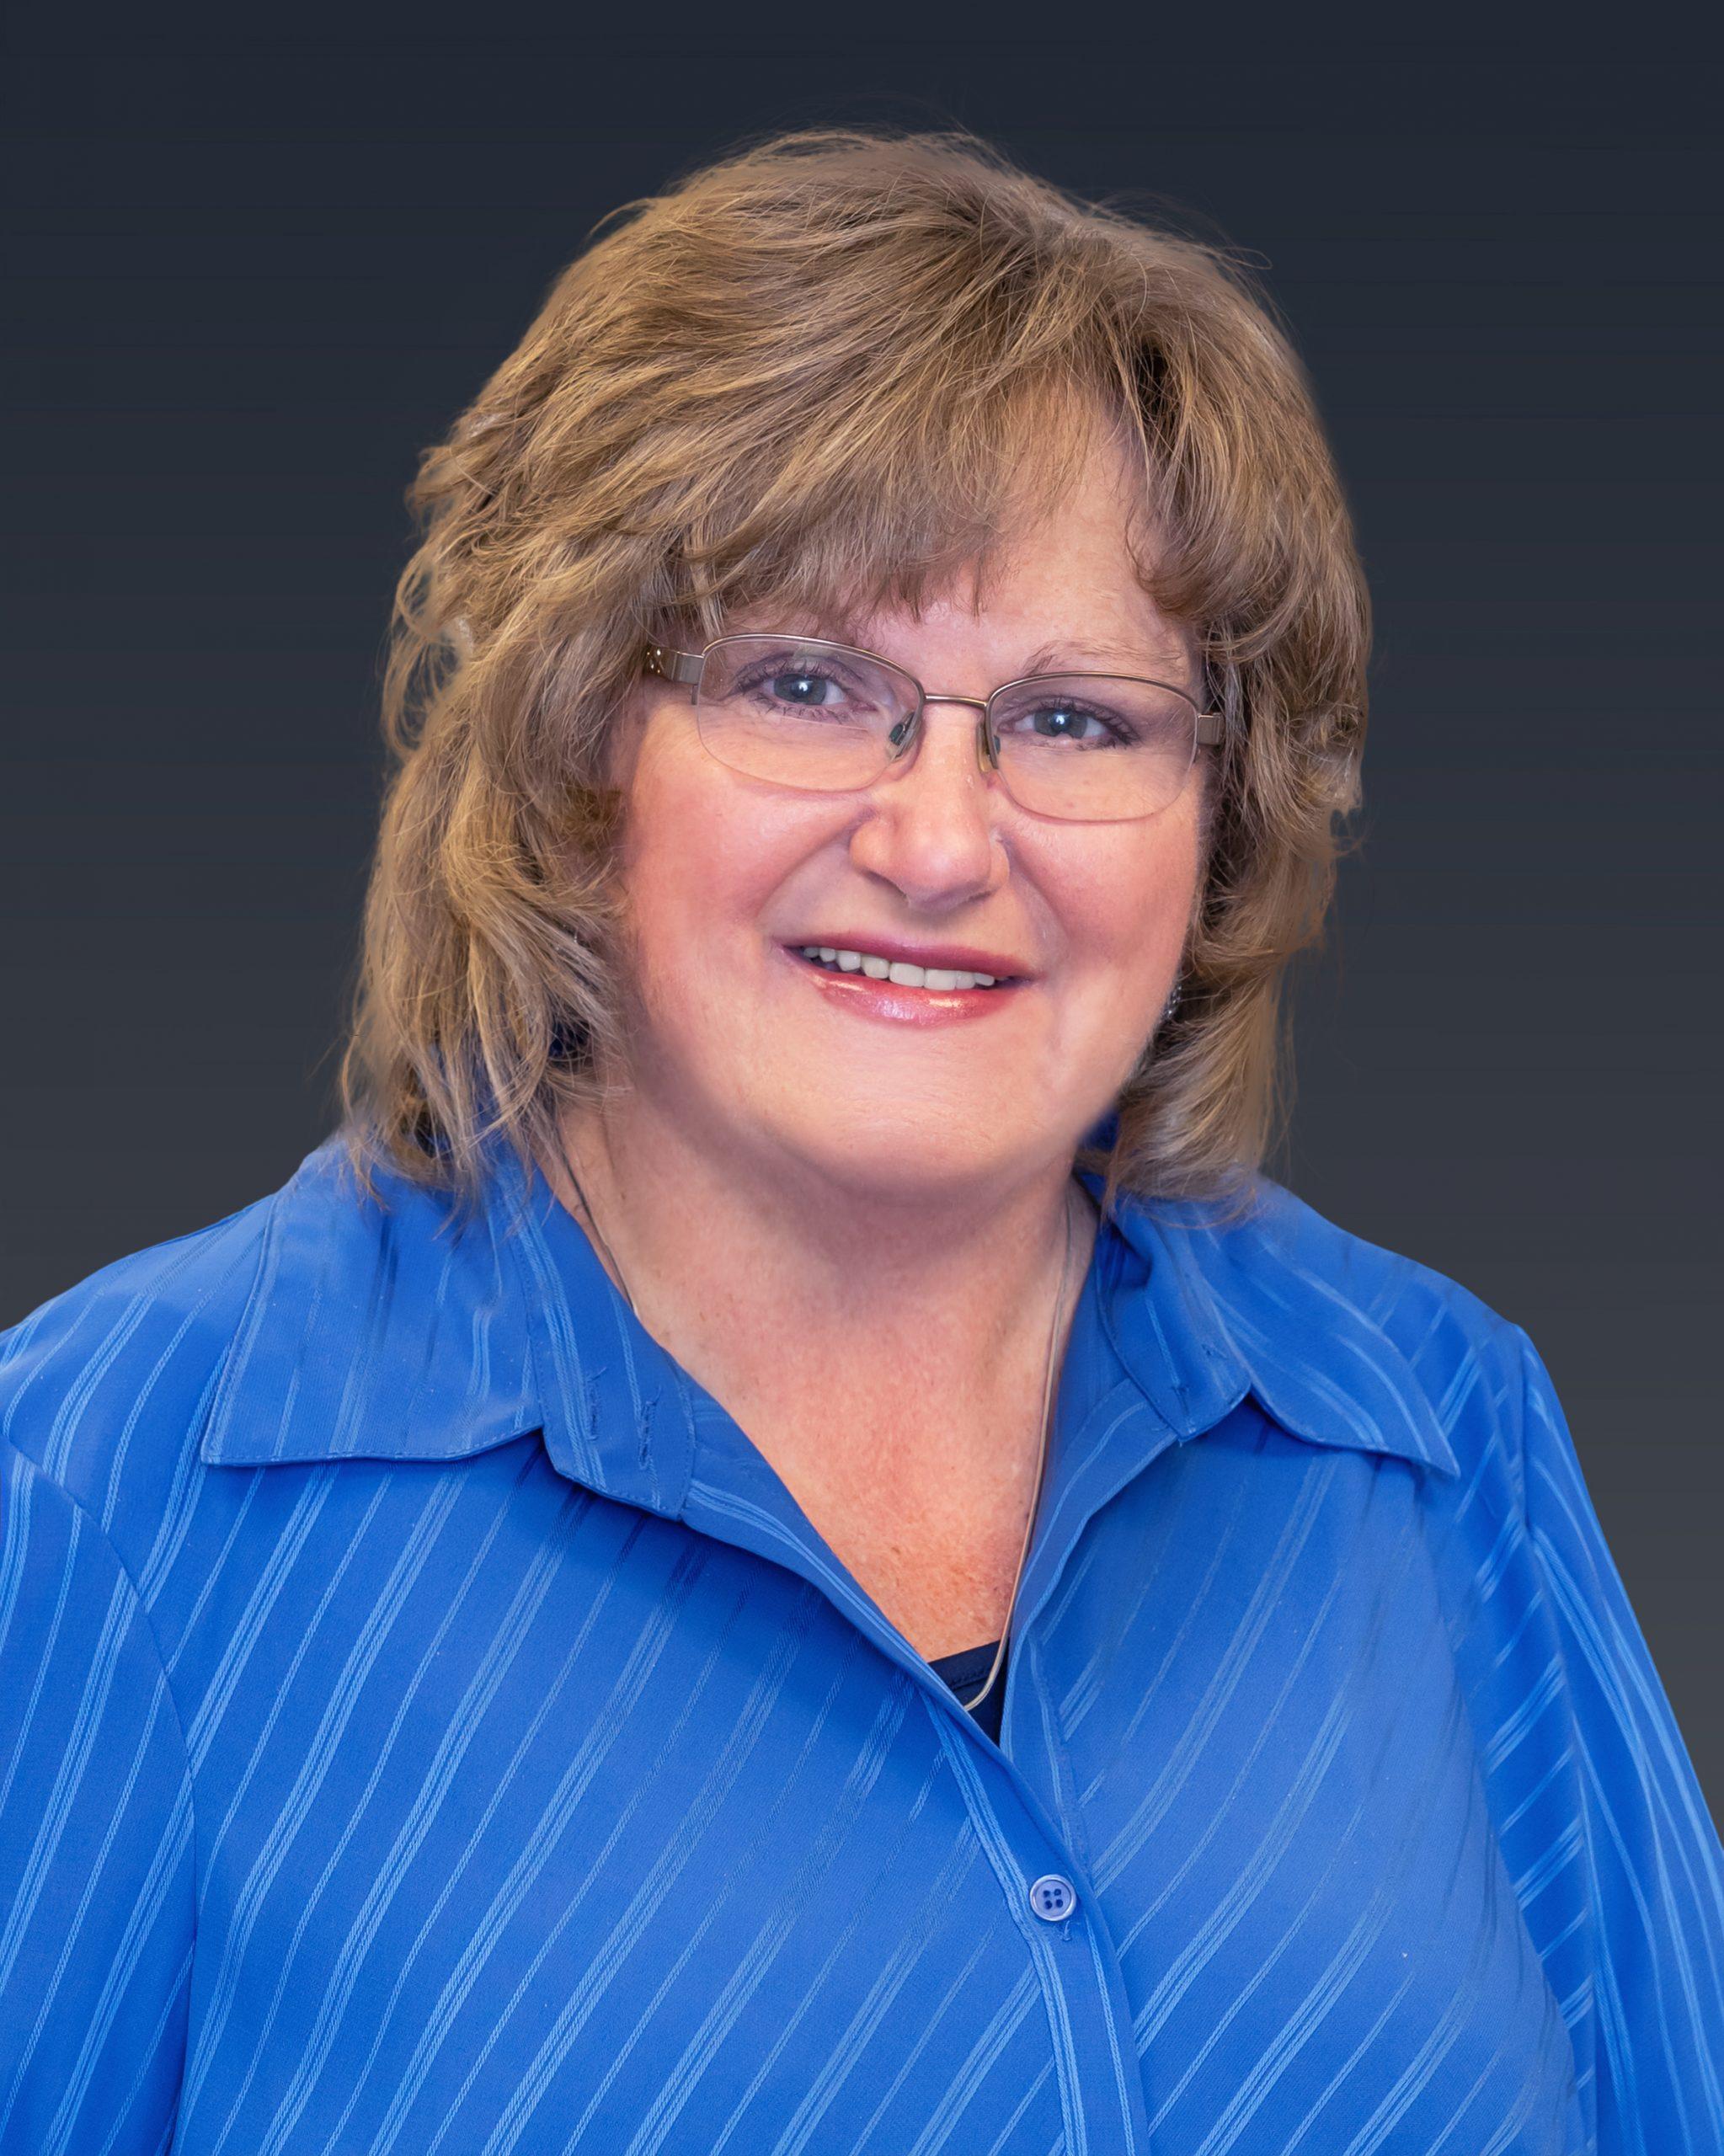 Councilmember Debbie Fisher